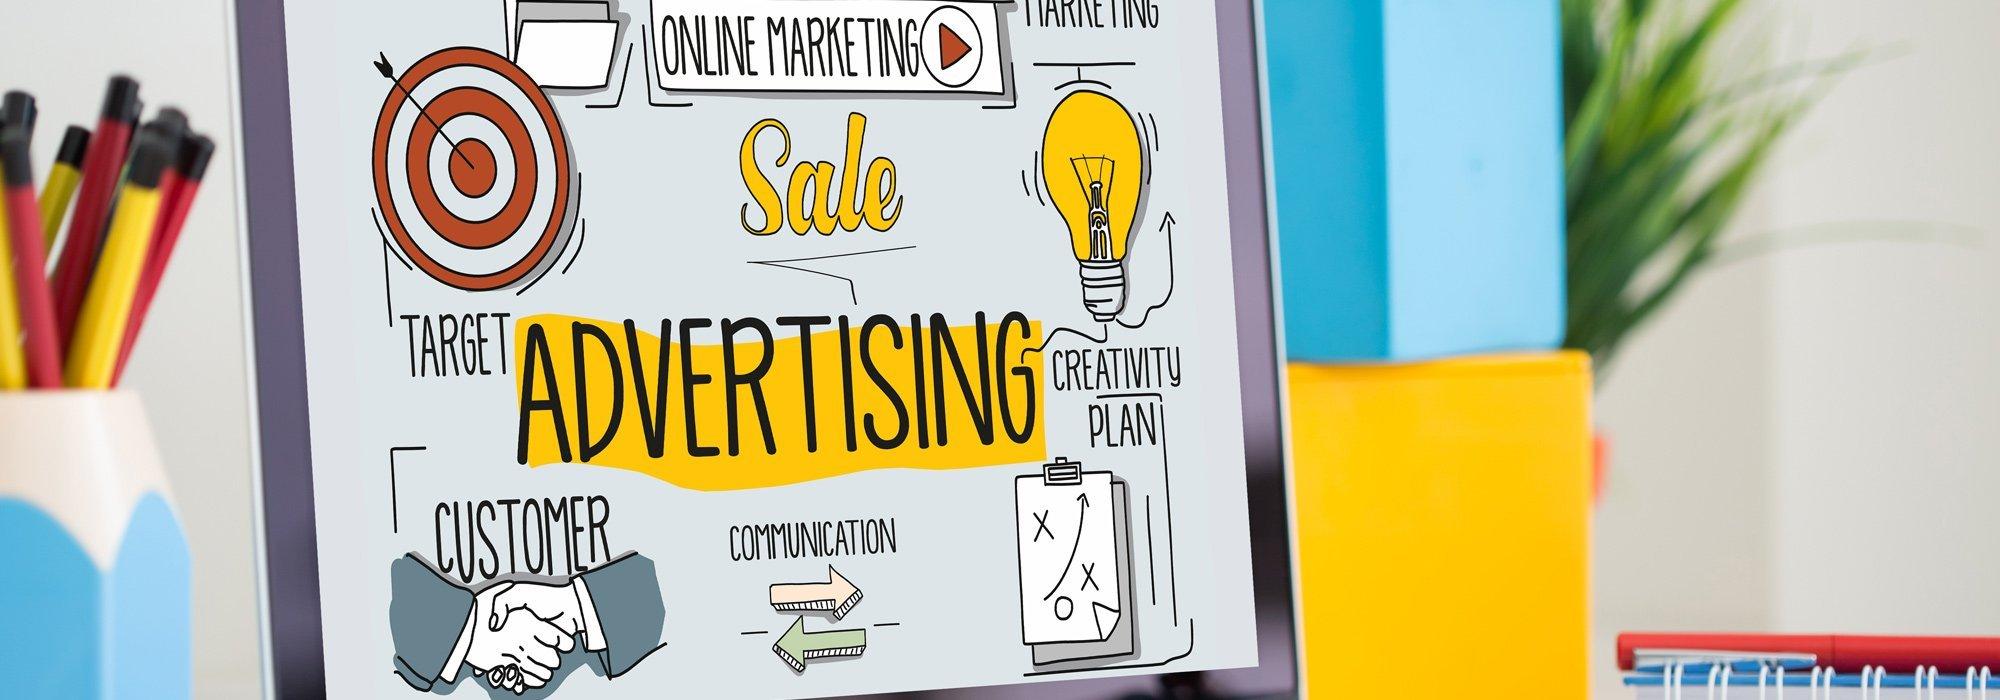 L'Online Advertising per una comunicazione efficace e mirata.